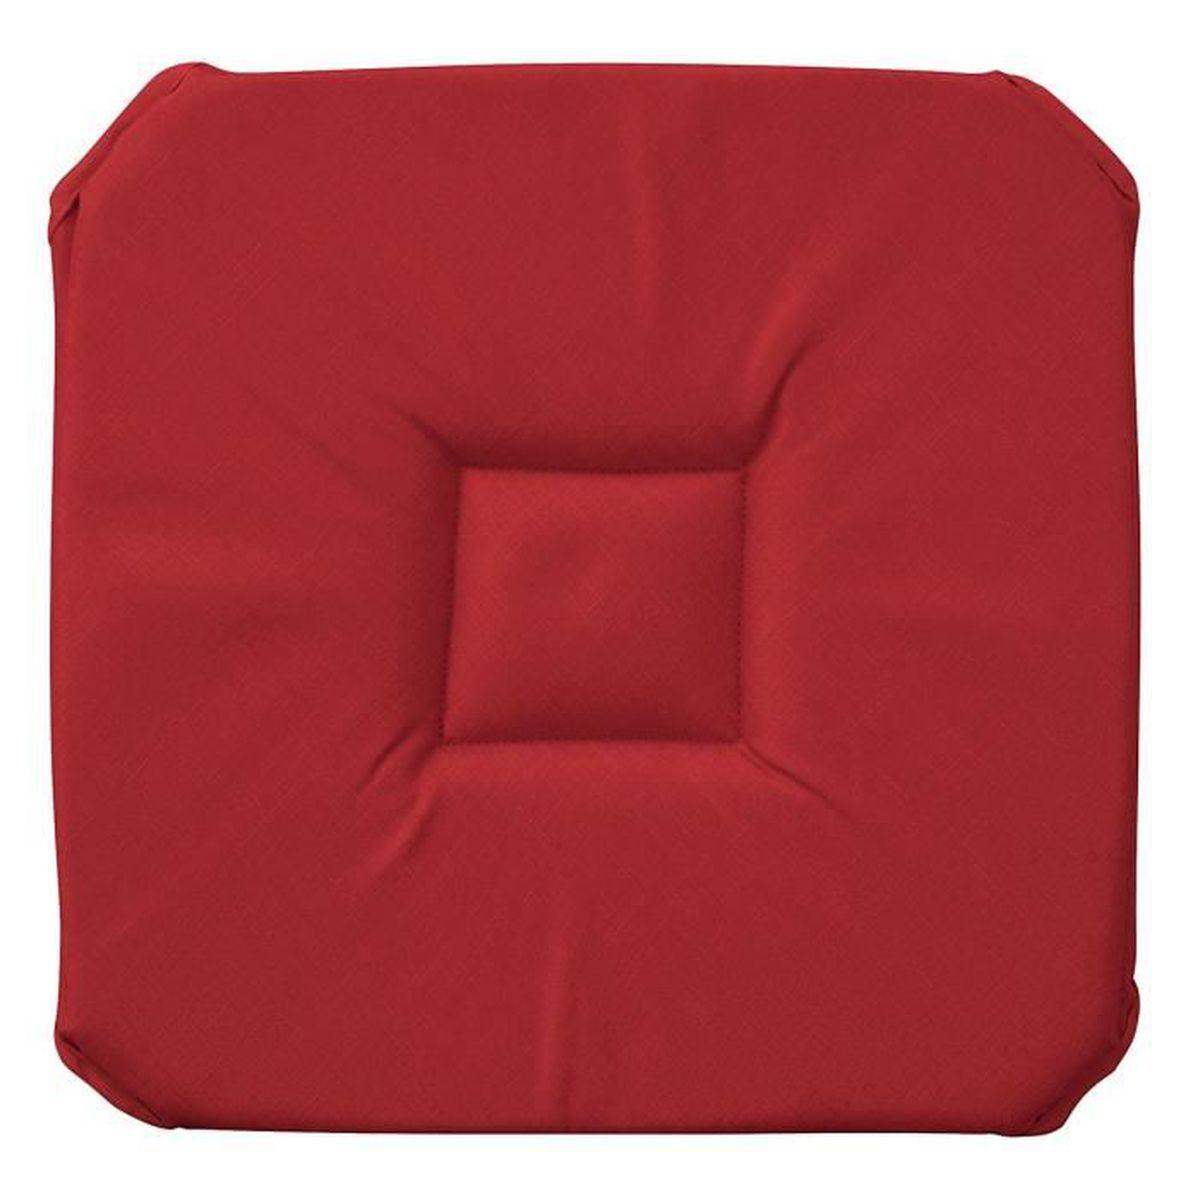 Galette de chaise unie anti taches rabat rouge achat for Galette de chaise 4 rabats